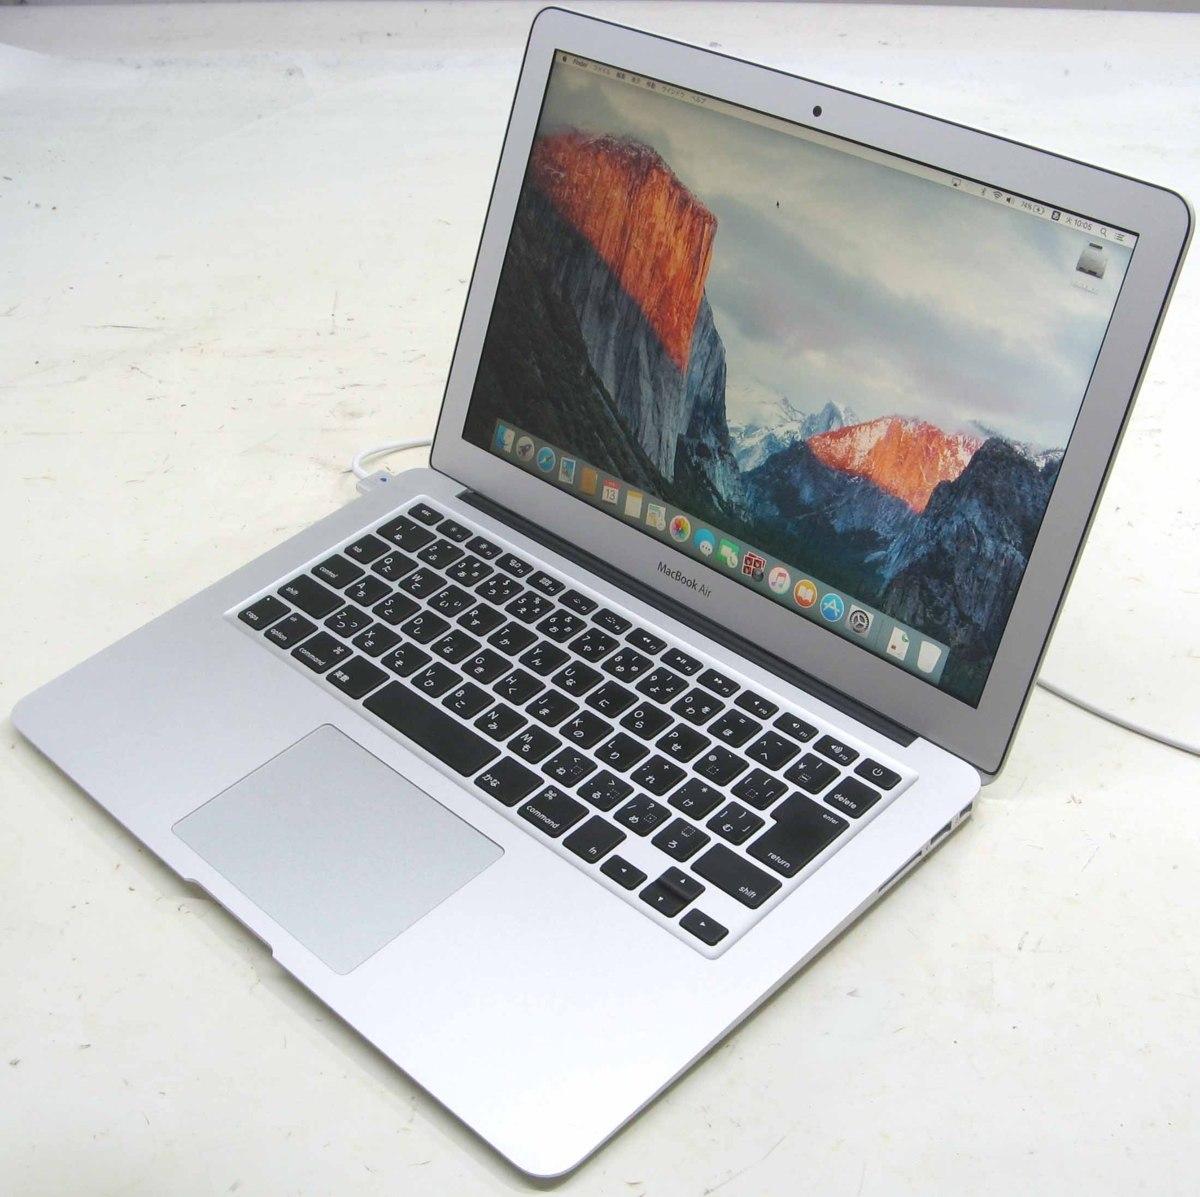 Apple MacBook Air MD761J/A(アップル マック マッキントッシュ Corei7 13.3インチ SSD256GB メモリ8GB Mac OS 10.11.6)【中古】中古MAC